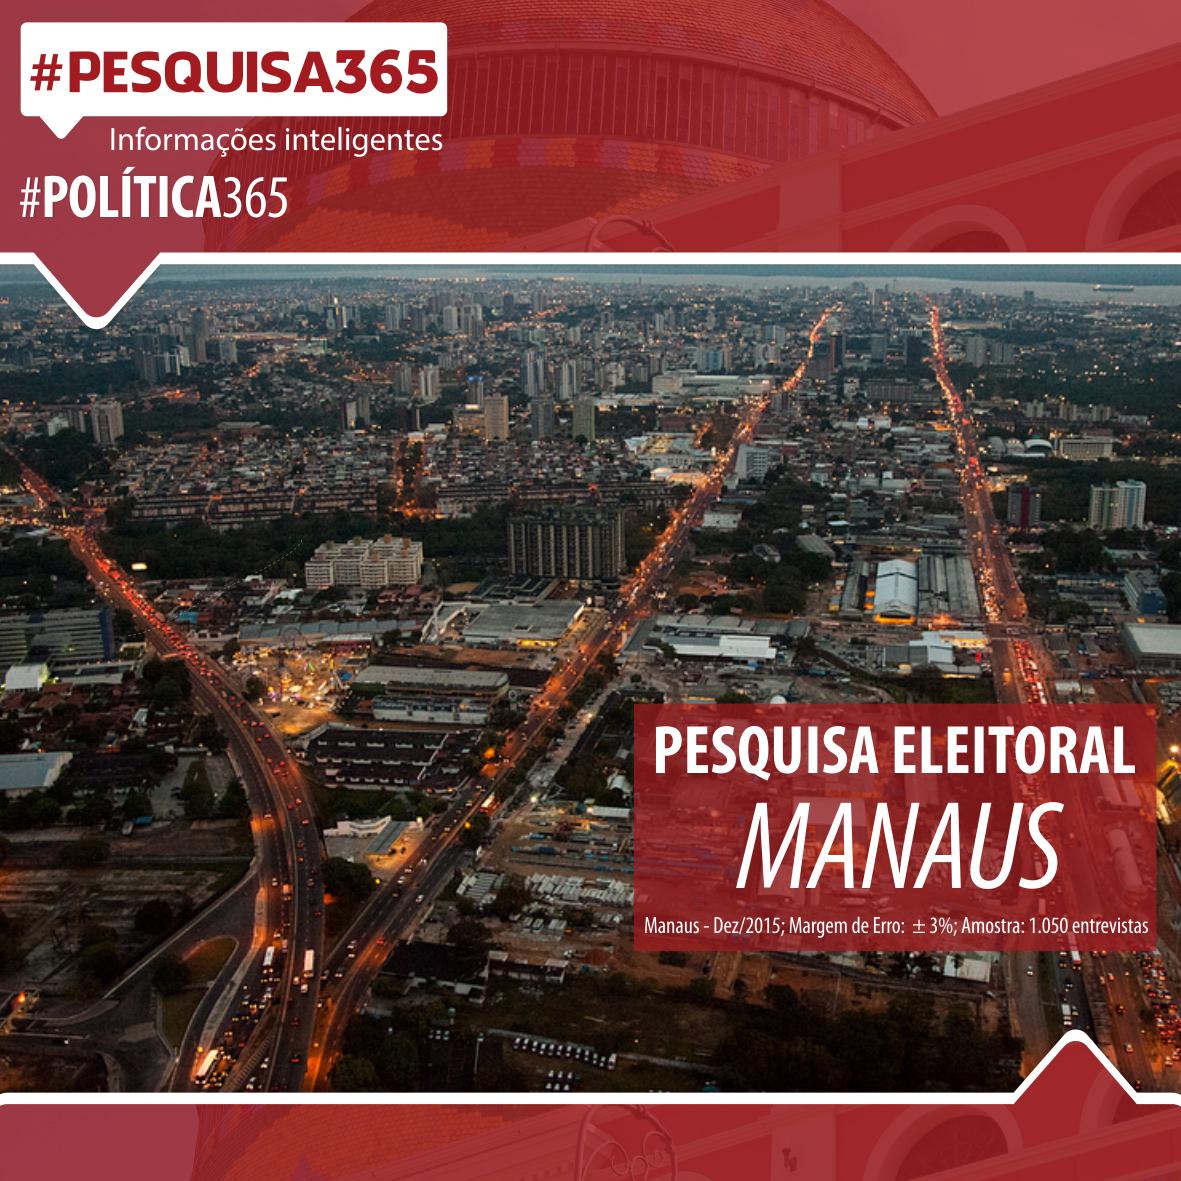 PESQUISA365_ELEITORAL2015